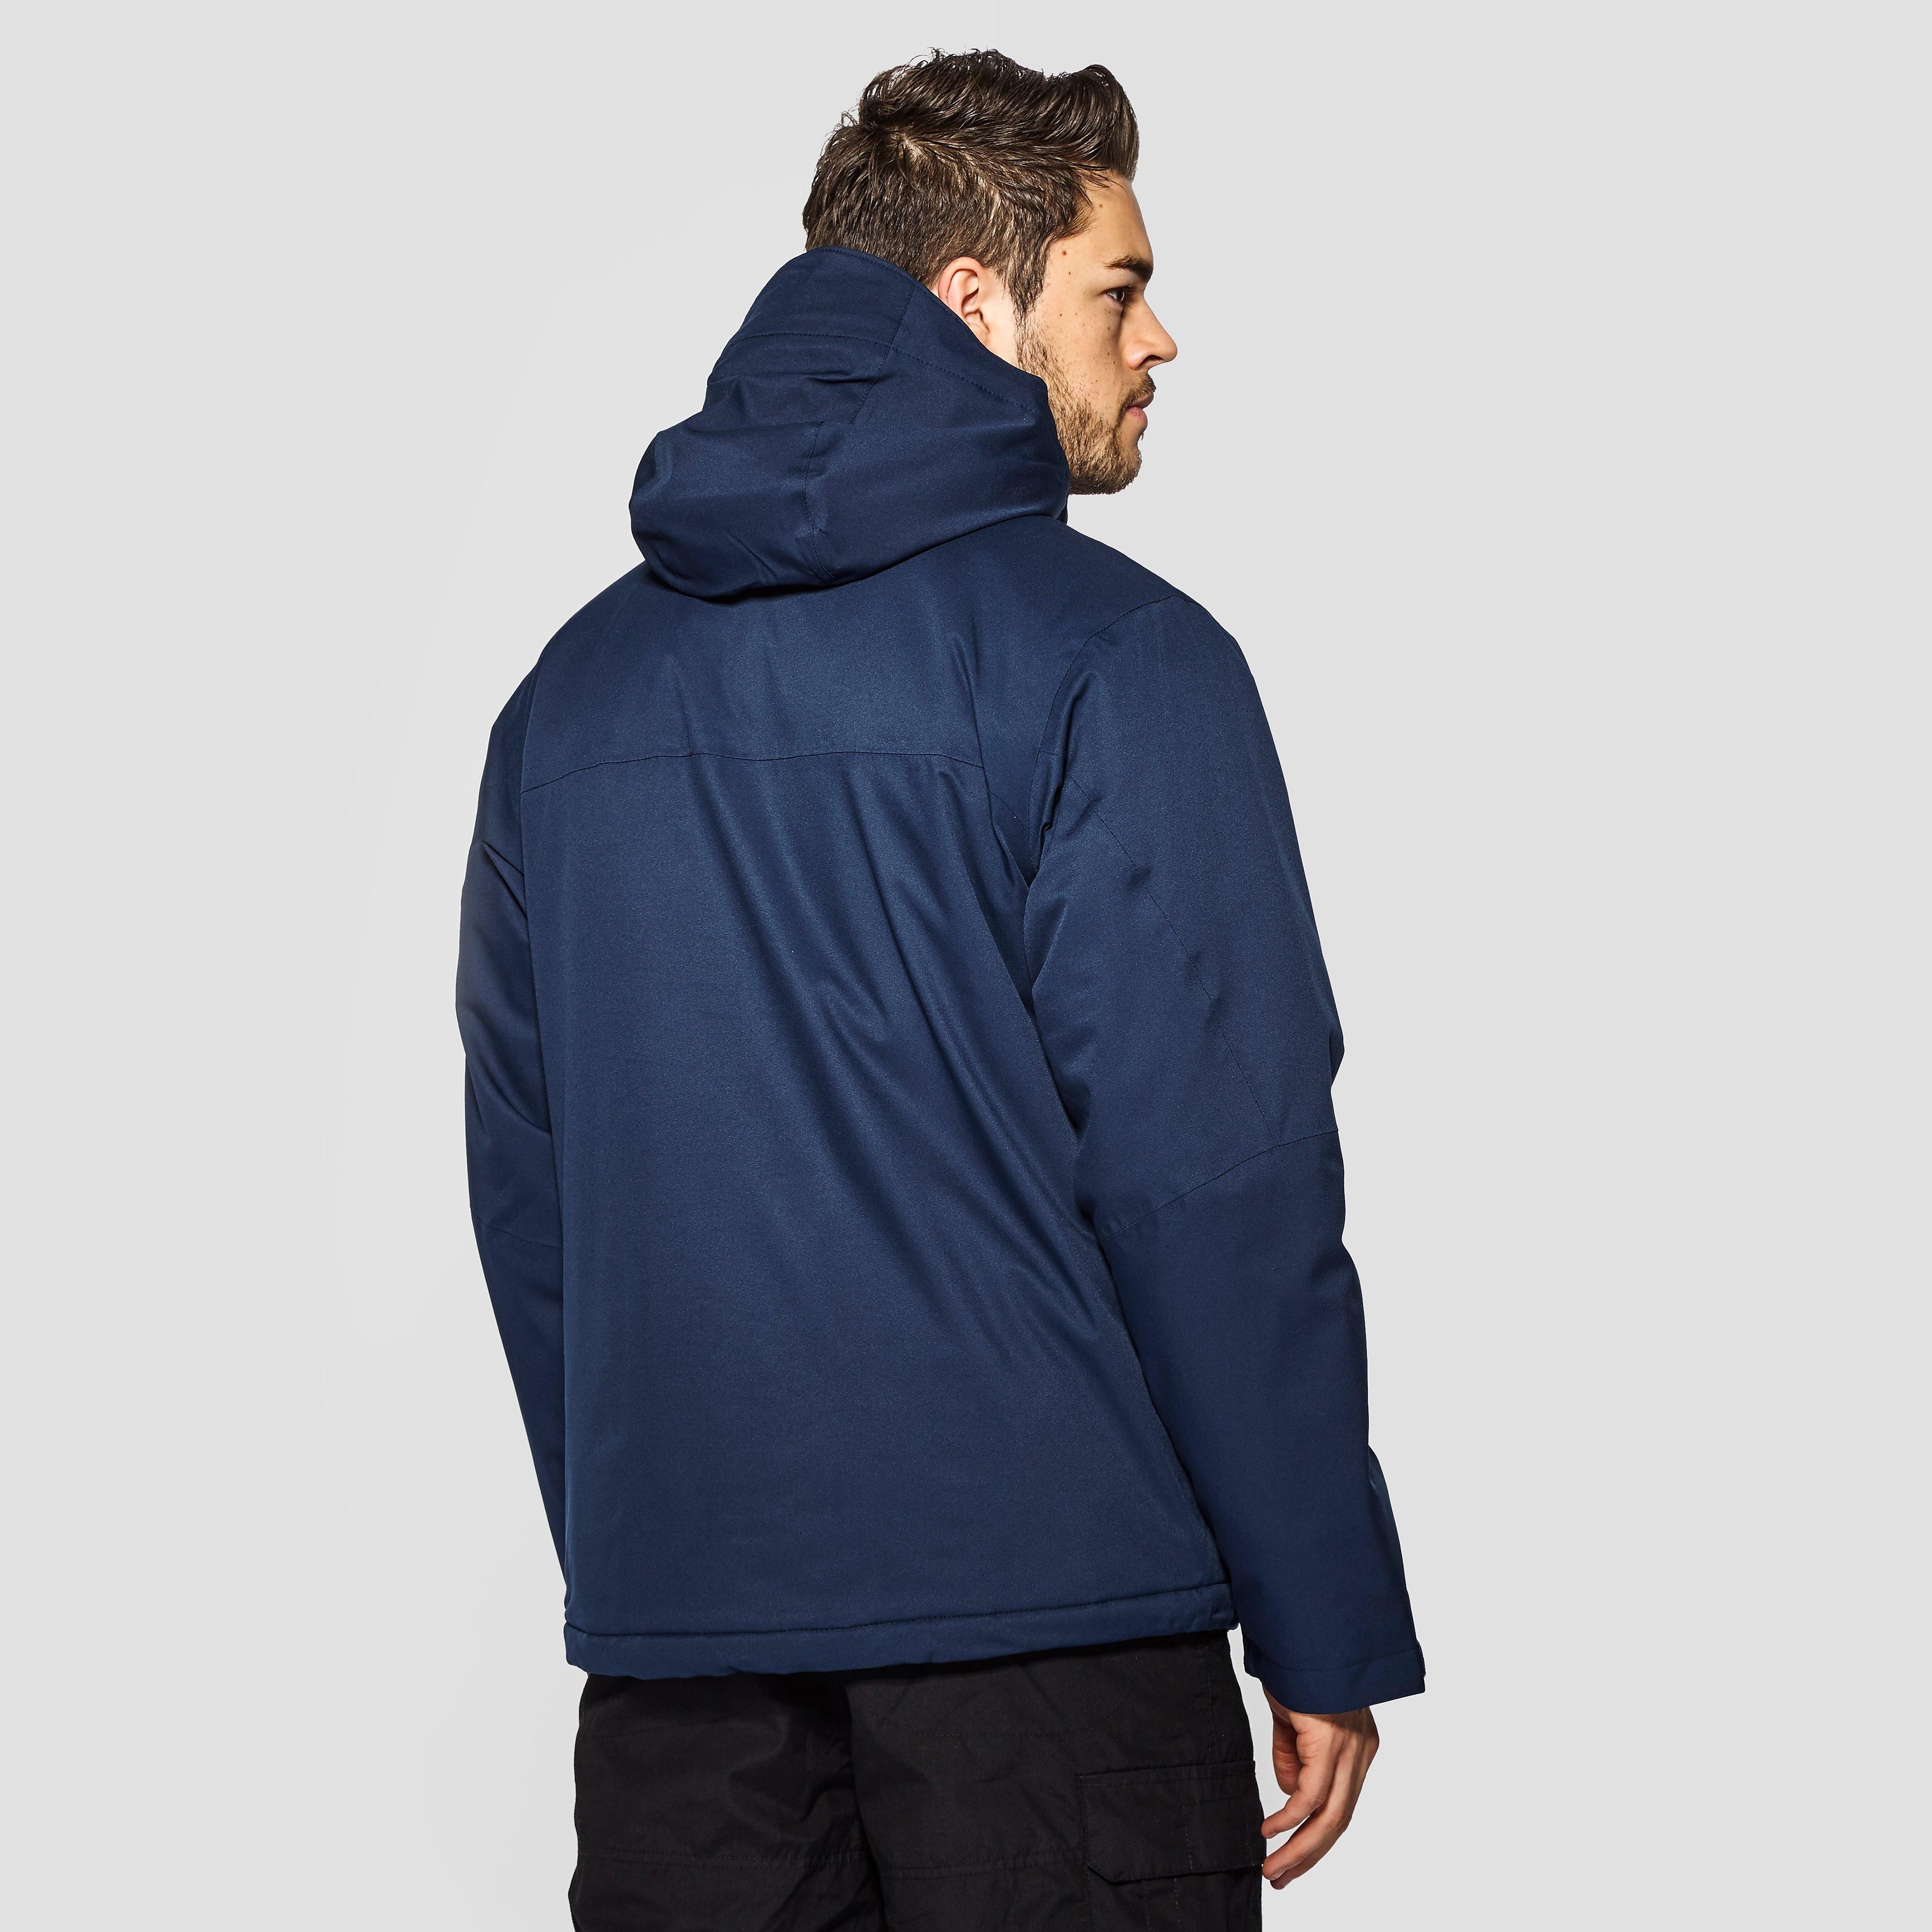 Columbia Men's Everett Mountain Jacket